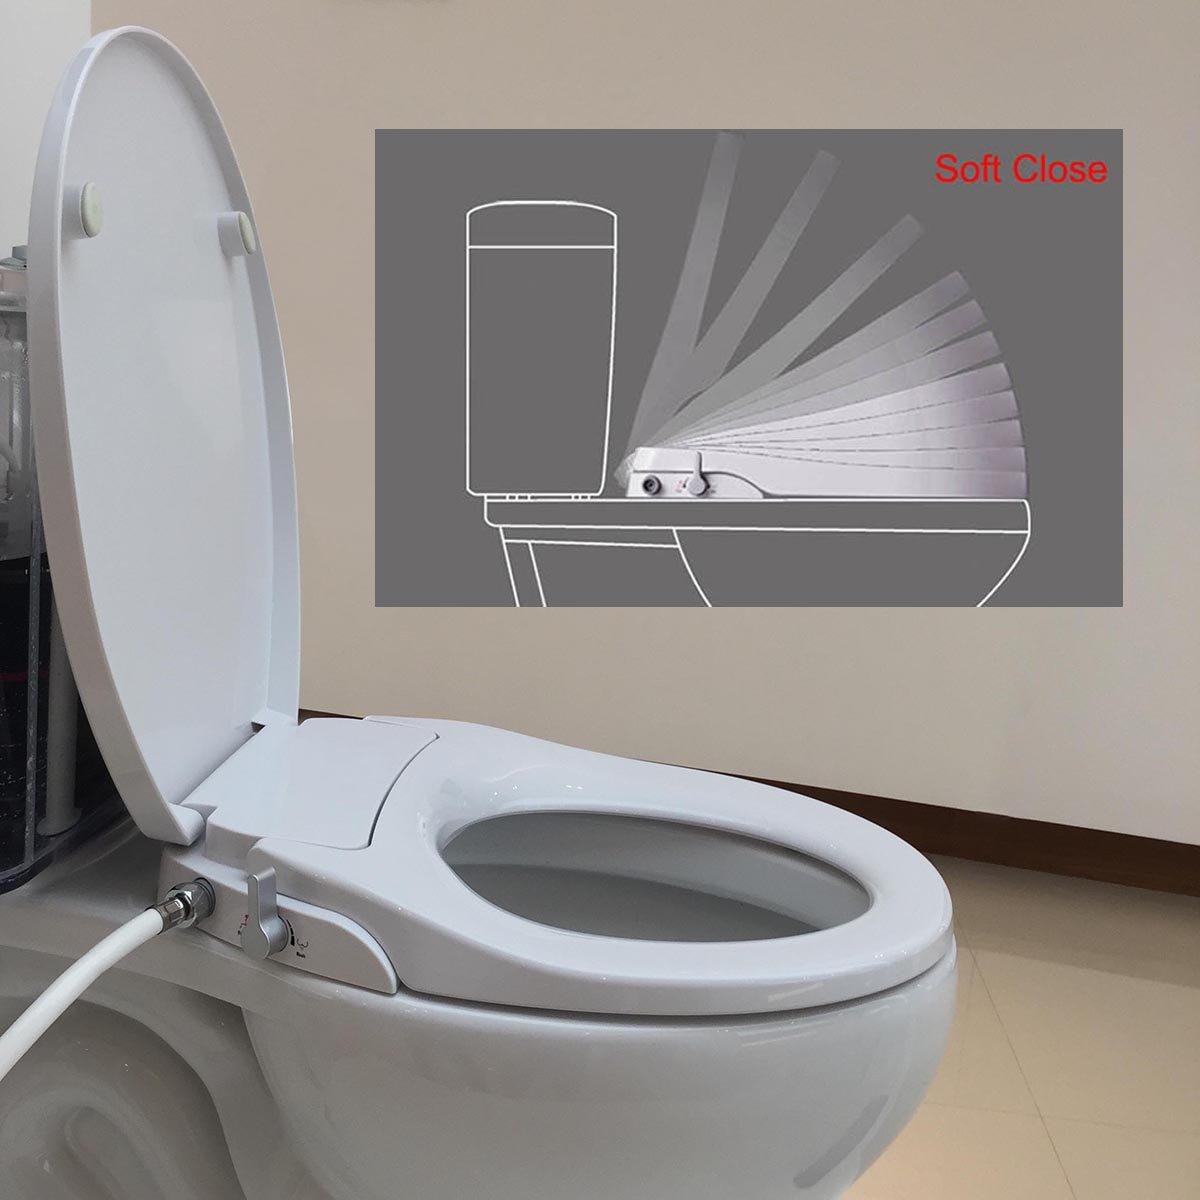 Hibbent WC Bidet Verbinder 1//2 ohne Strom Warmwasserfunktion,Intimreinigung mit Selbstreinigende D/üsen Wasserstrahl regulierbar Po Dusche und Lady-Dusche Cold//Hei/ß Water Bidet Dusch-WC